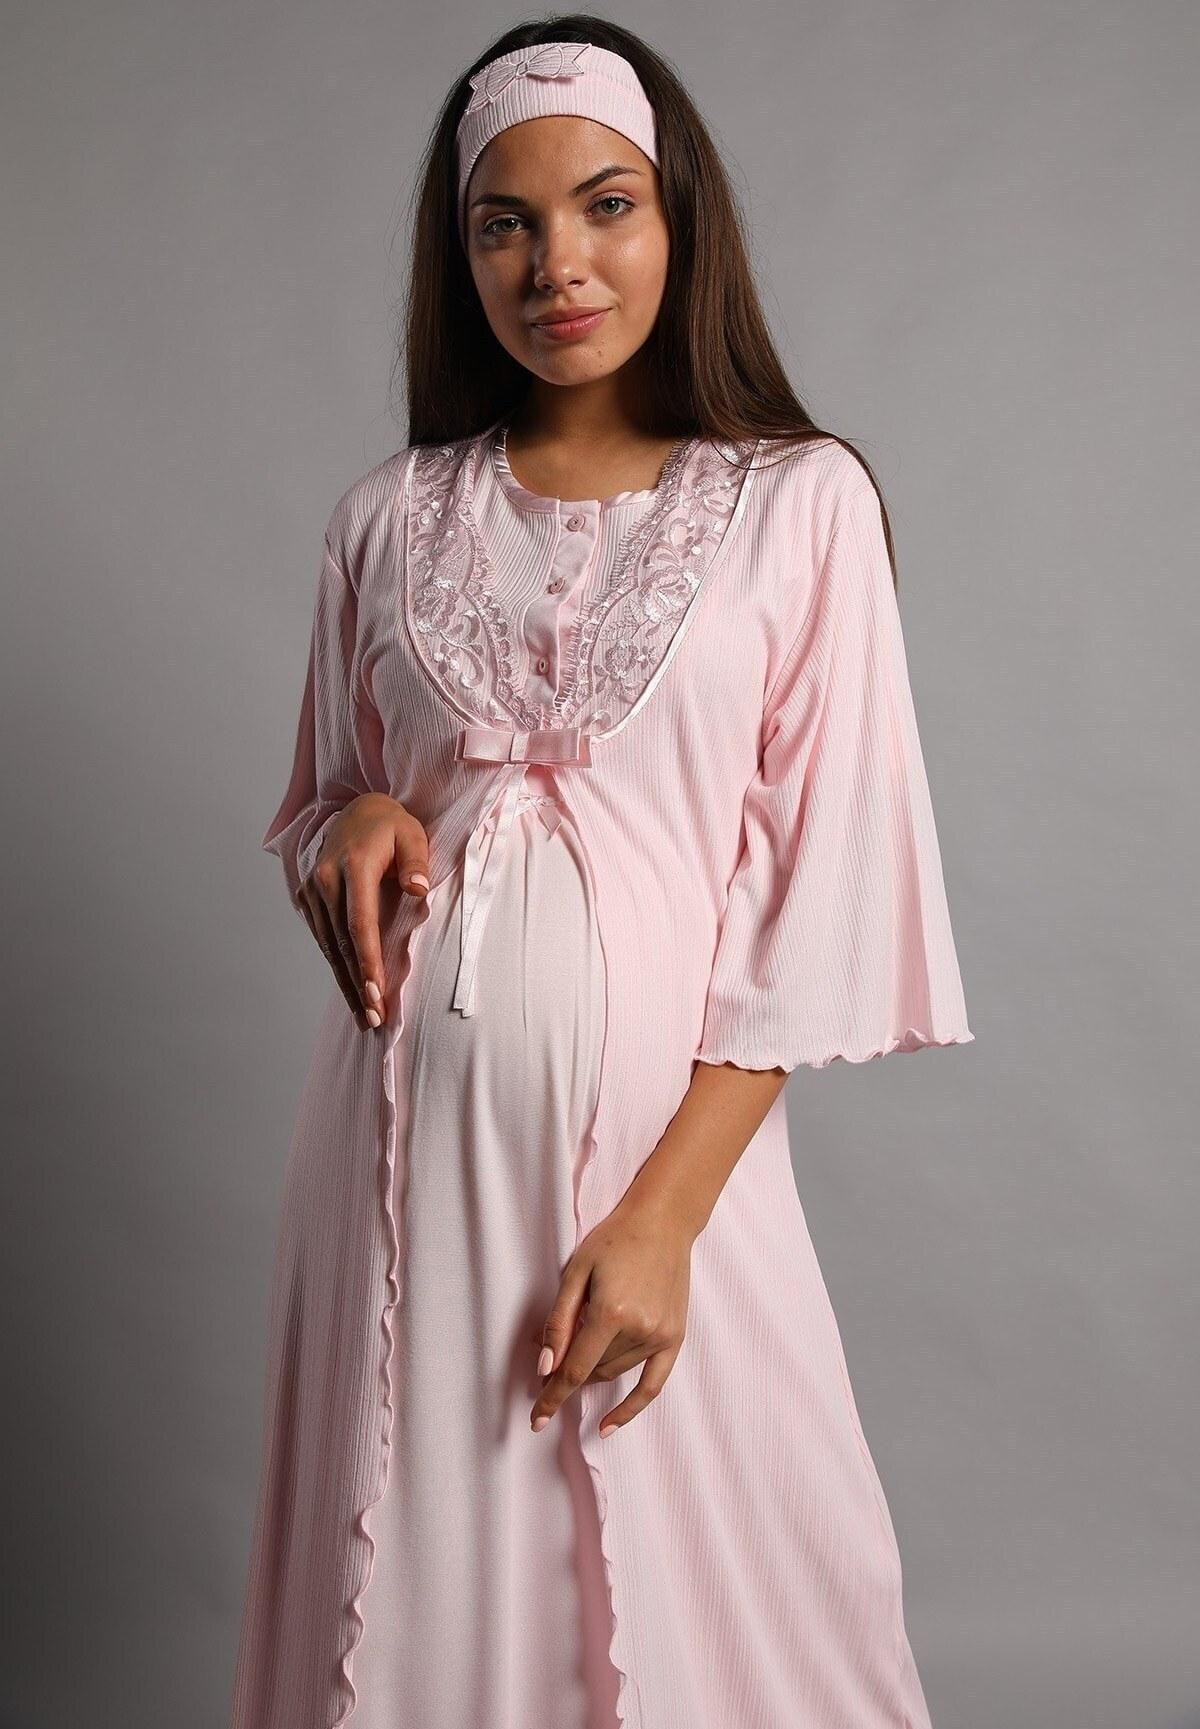 تصویر ست لباس شب زنانه نورا پودر بلند و گشاد برند Lohusa Sepeti کد 1617067912